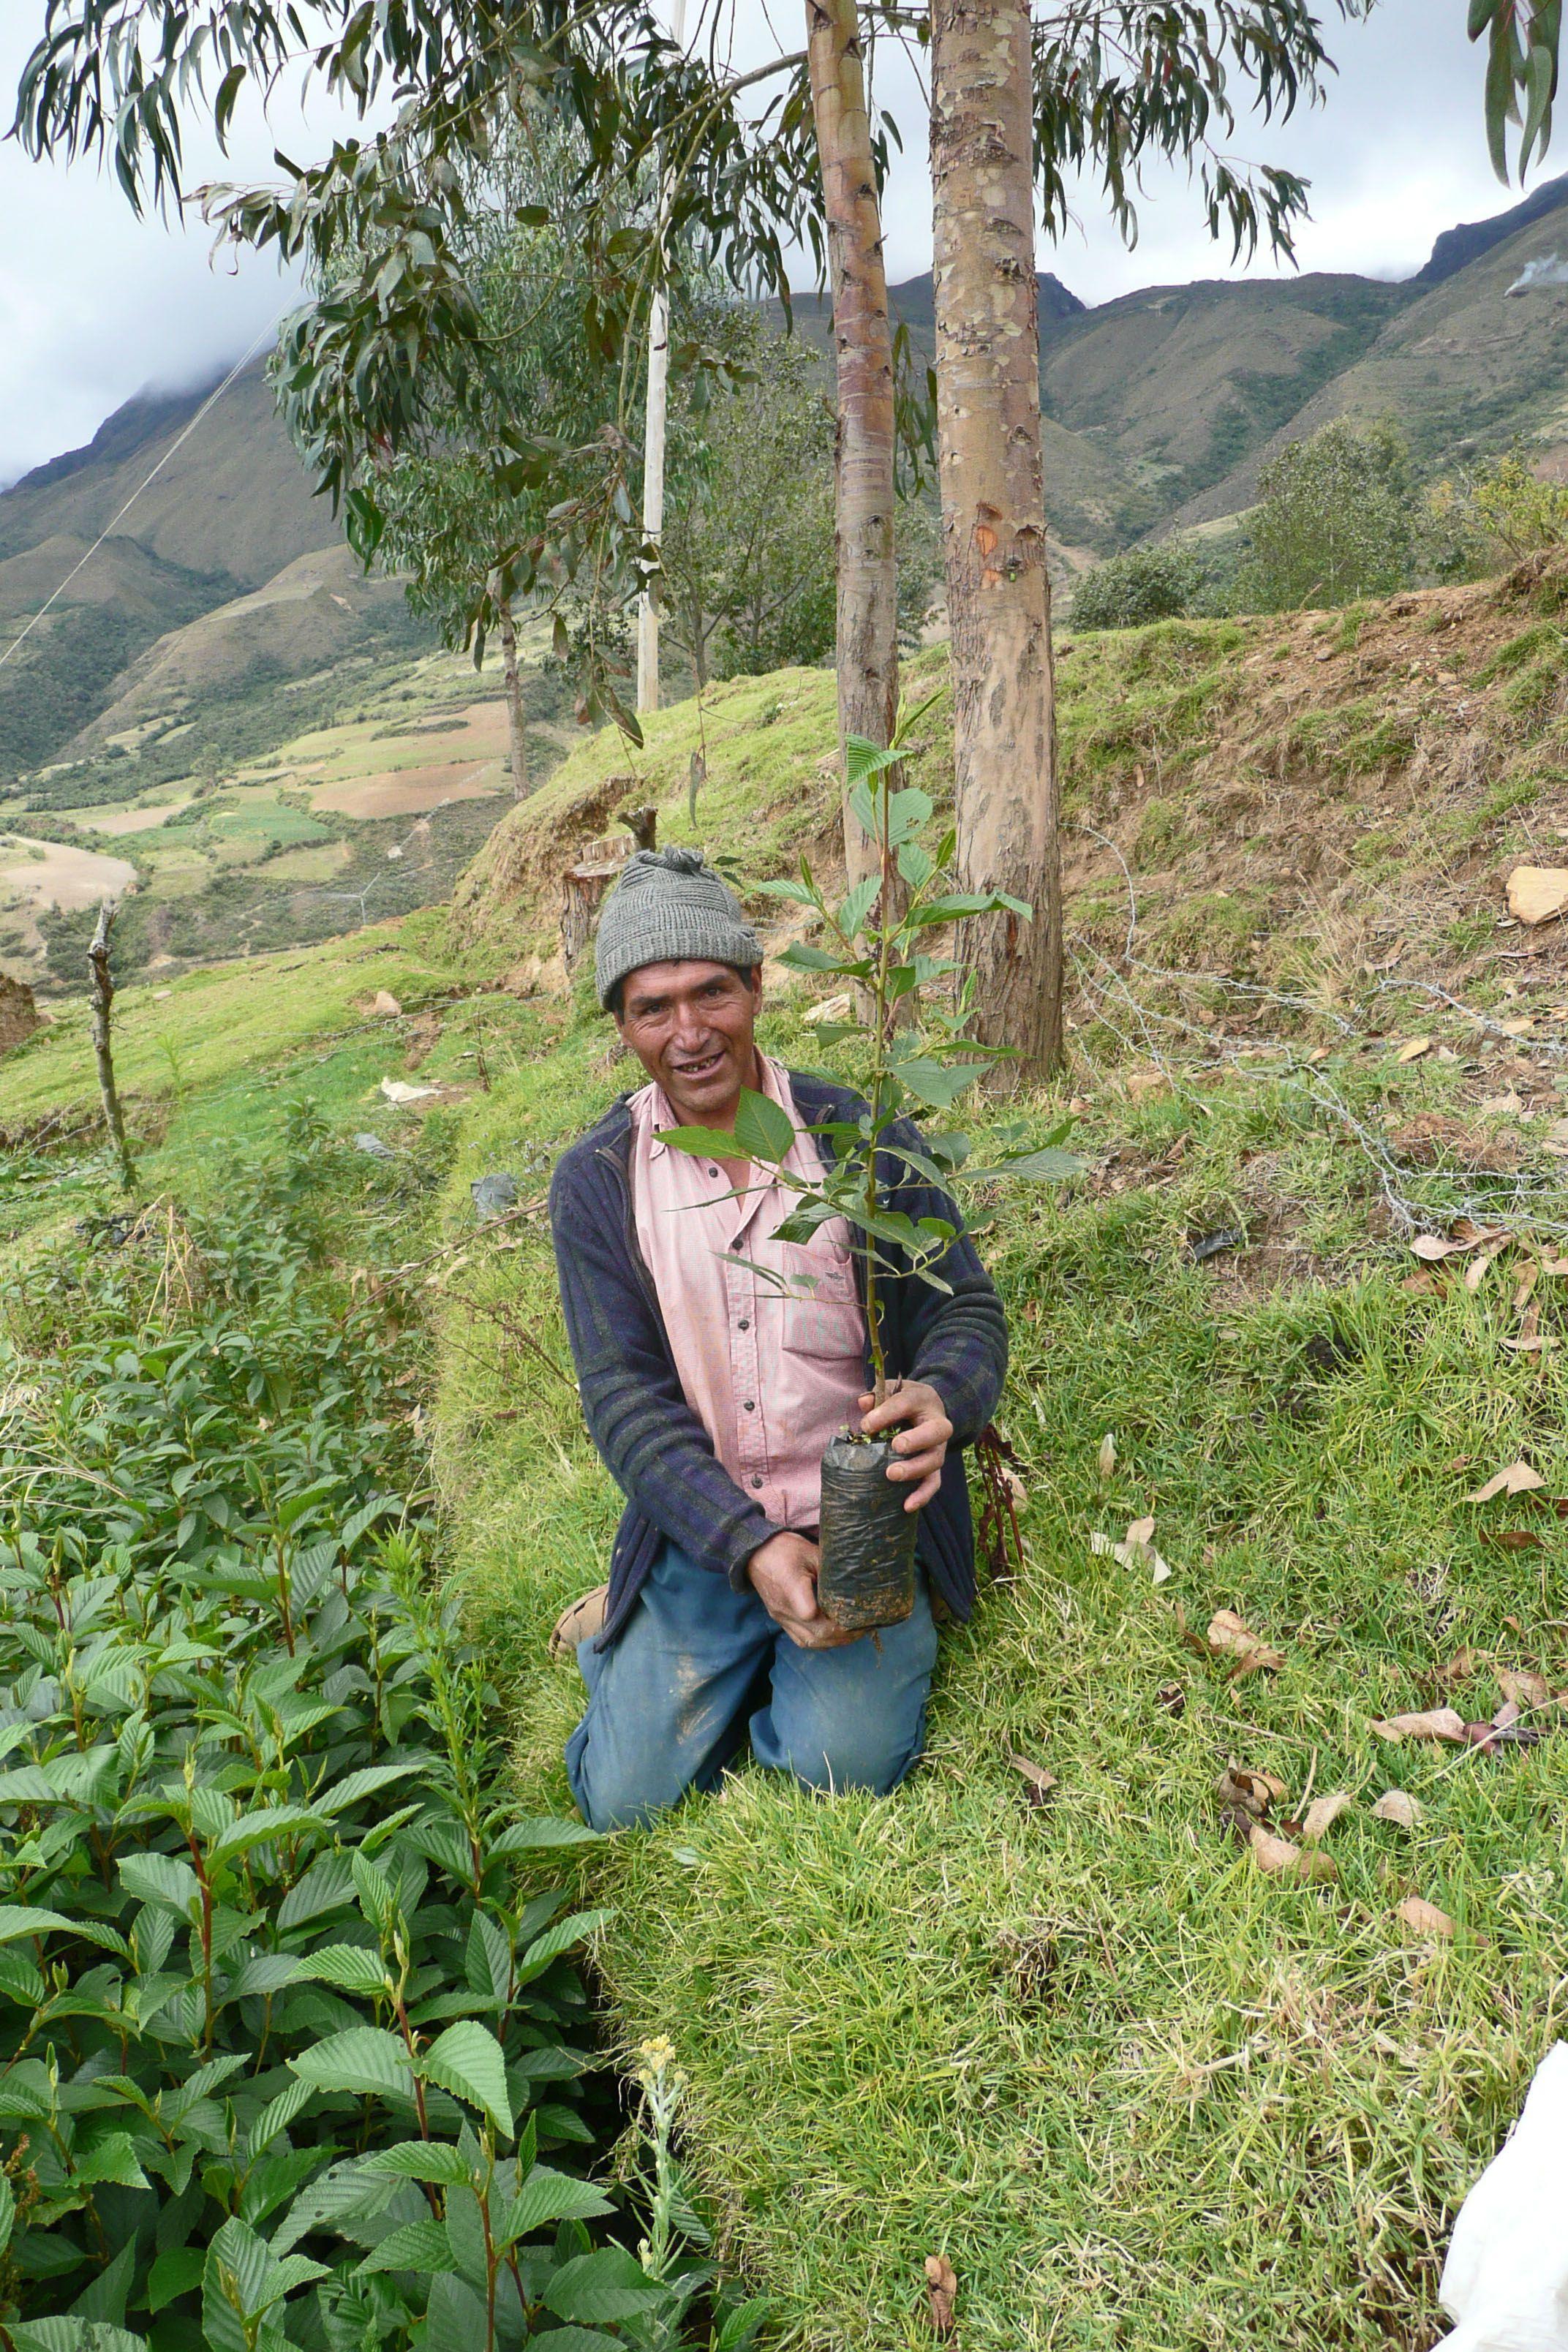 Manuel Vega y su vivero de alisos arboles nativos de los Andes . Shismay, Huánuco Perú